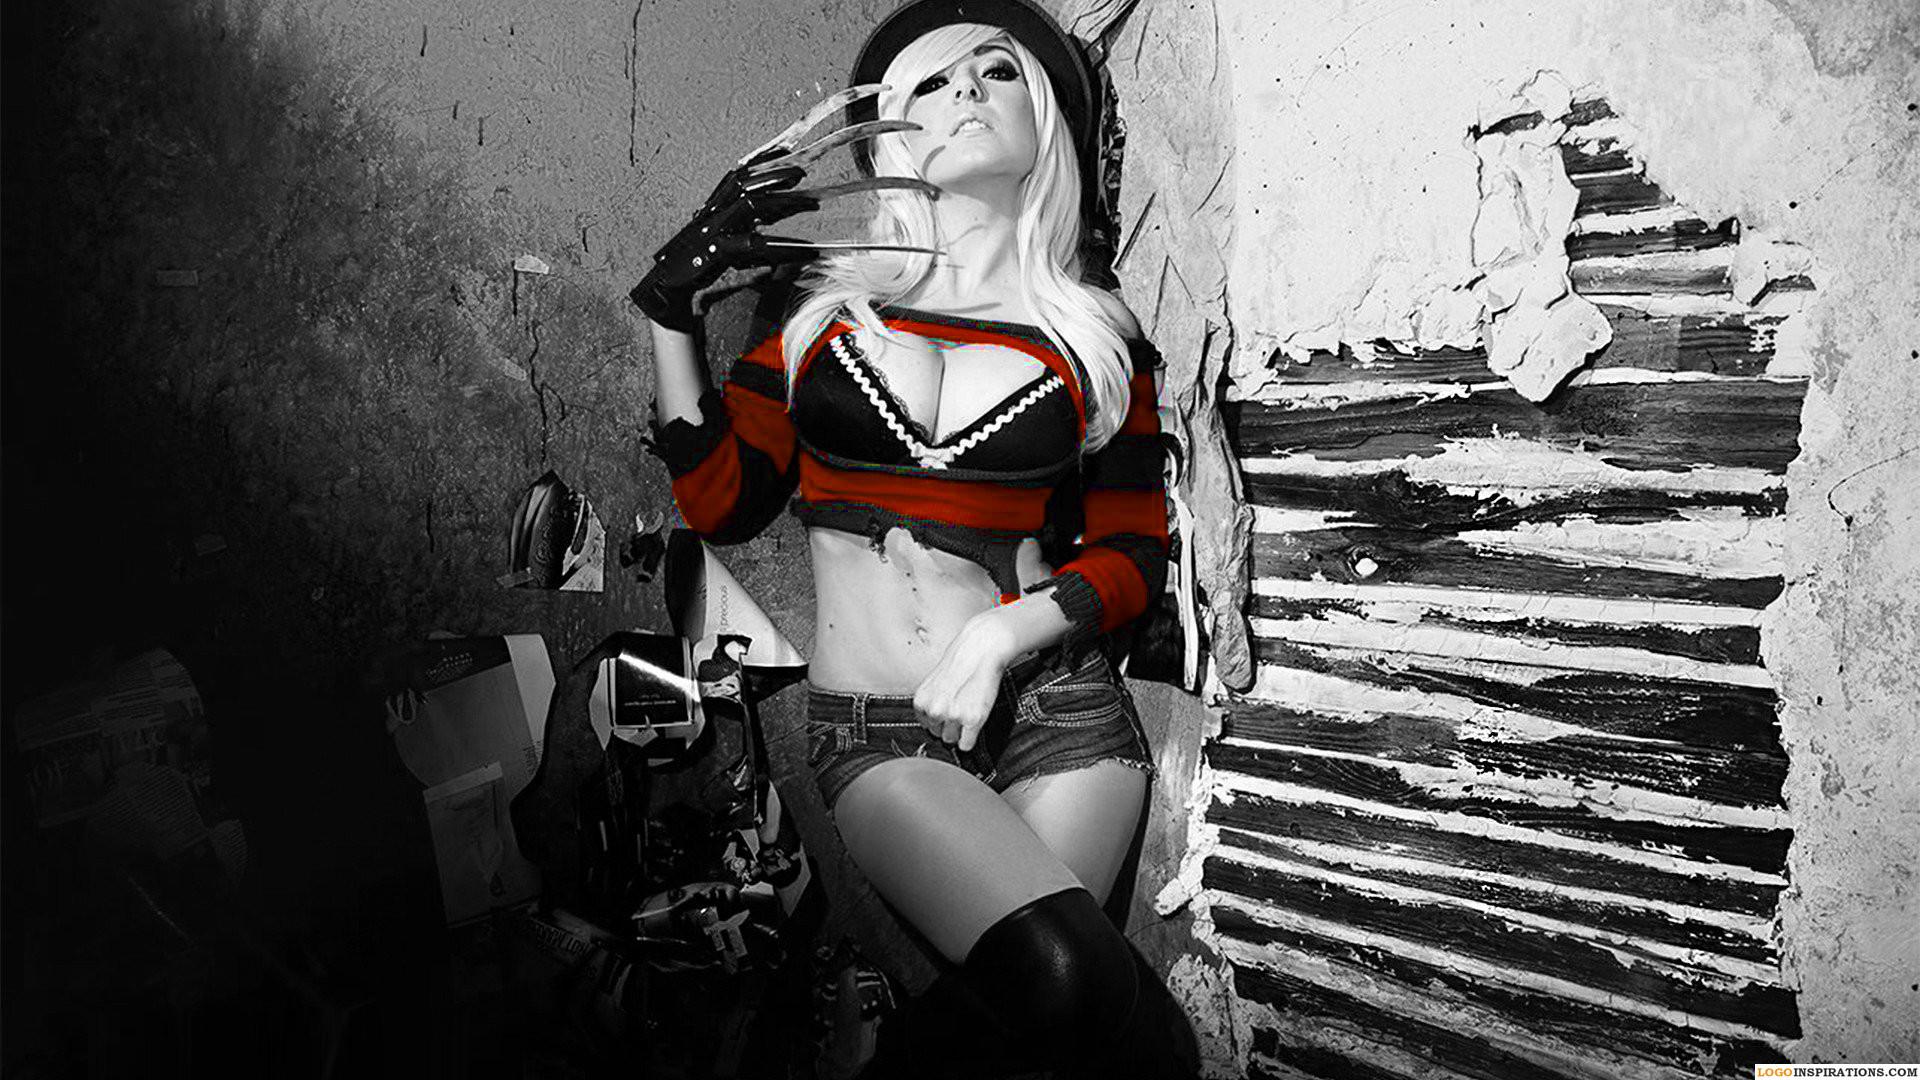 Freddy Krueger Wallpaper HD